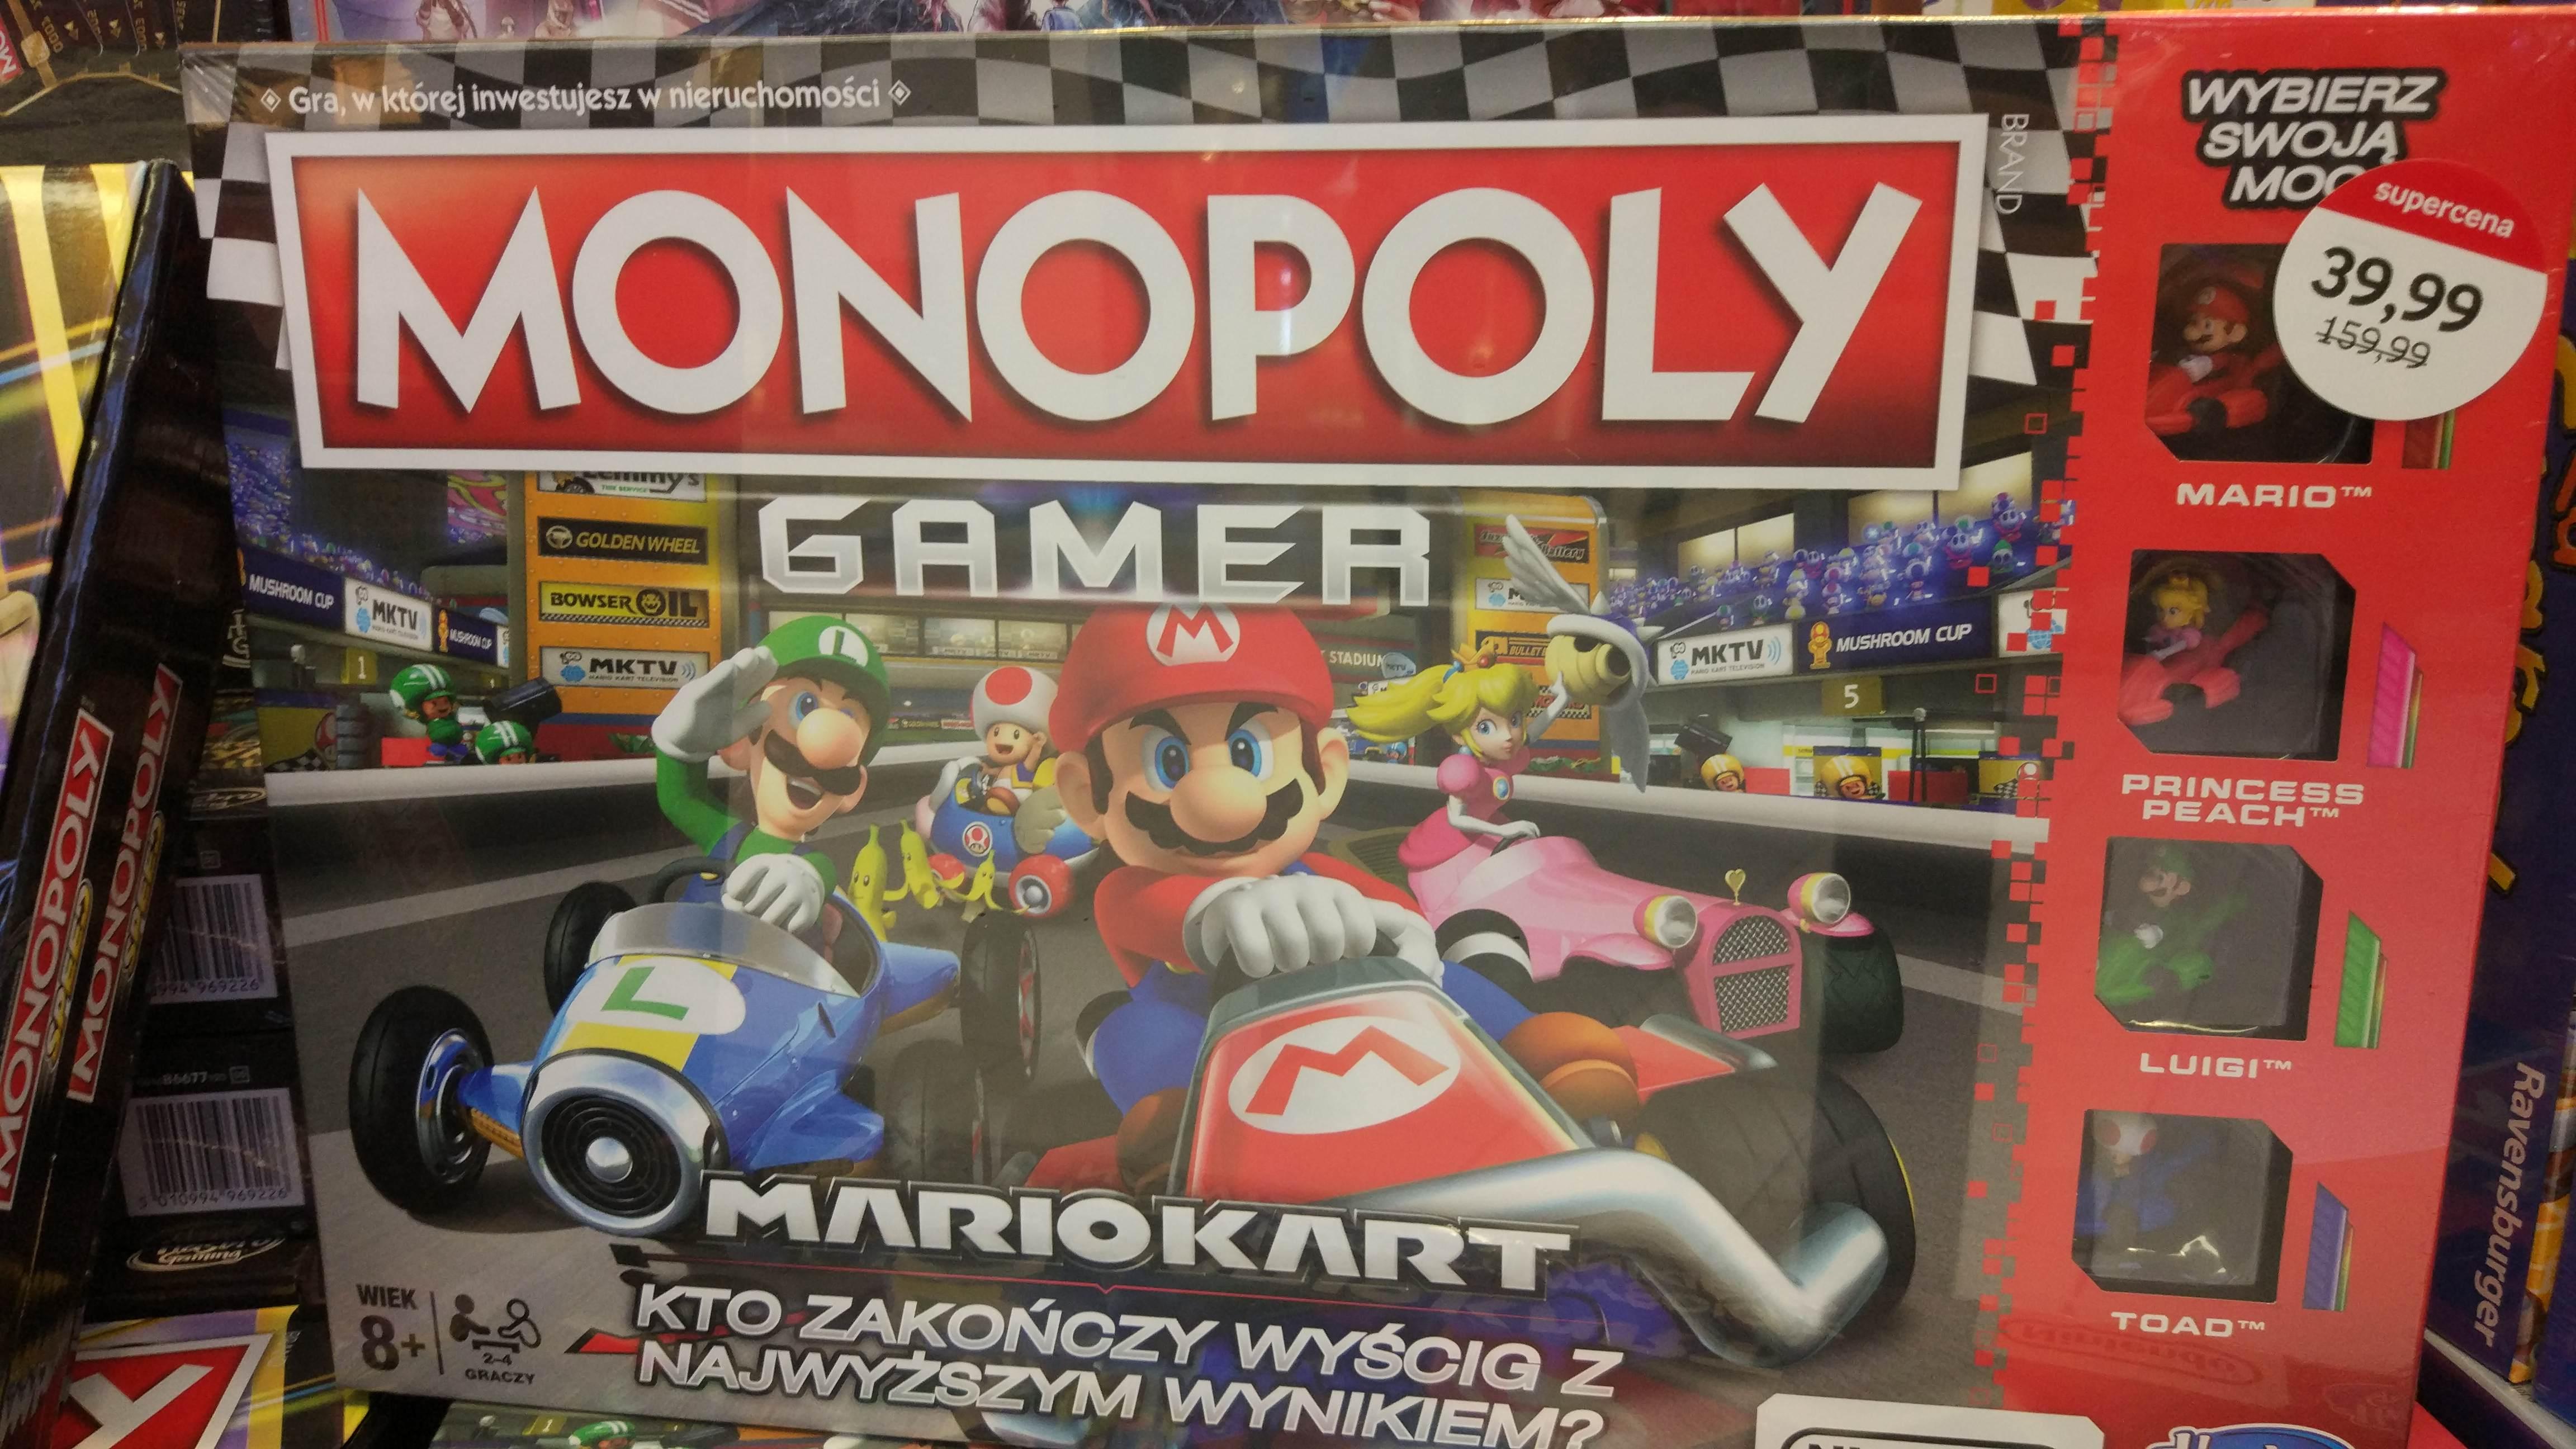 Monopoly Gamer Mariokart Empik stacjonarnie